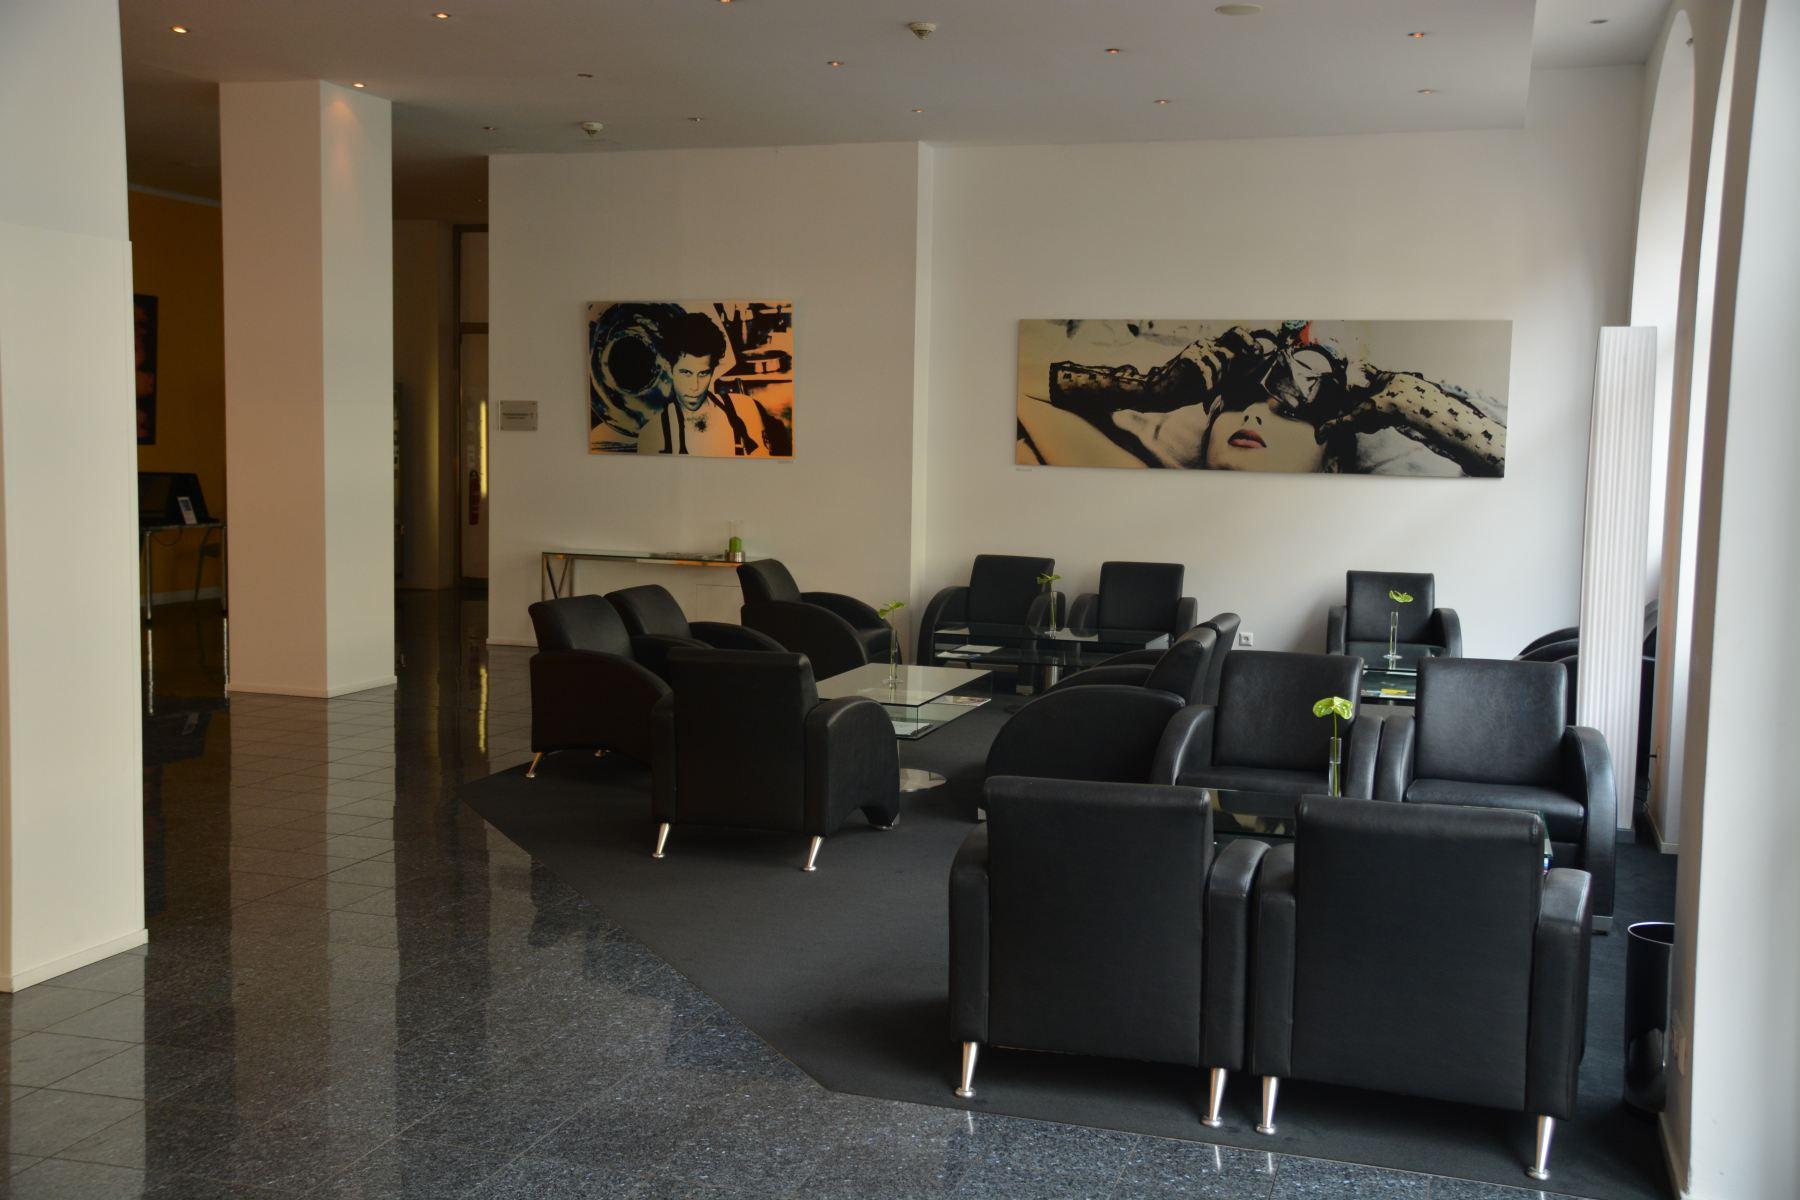 Bild von der Lobby des Hotel Winters Berlin Mitte - Am Checkpoint Charlie